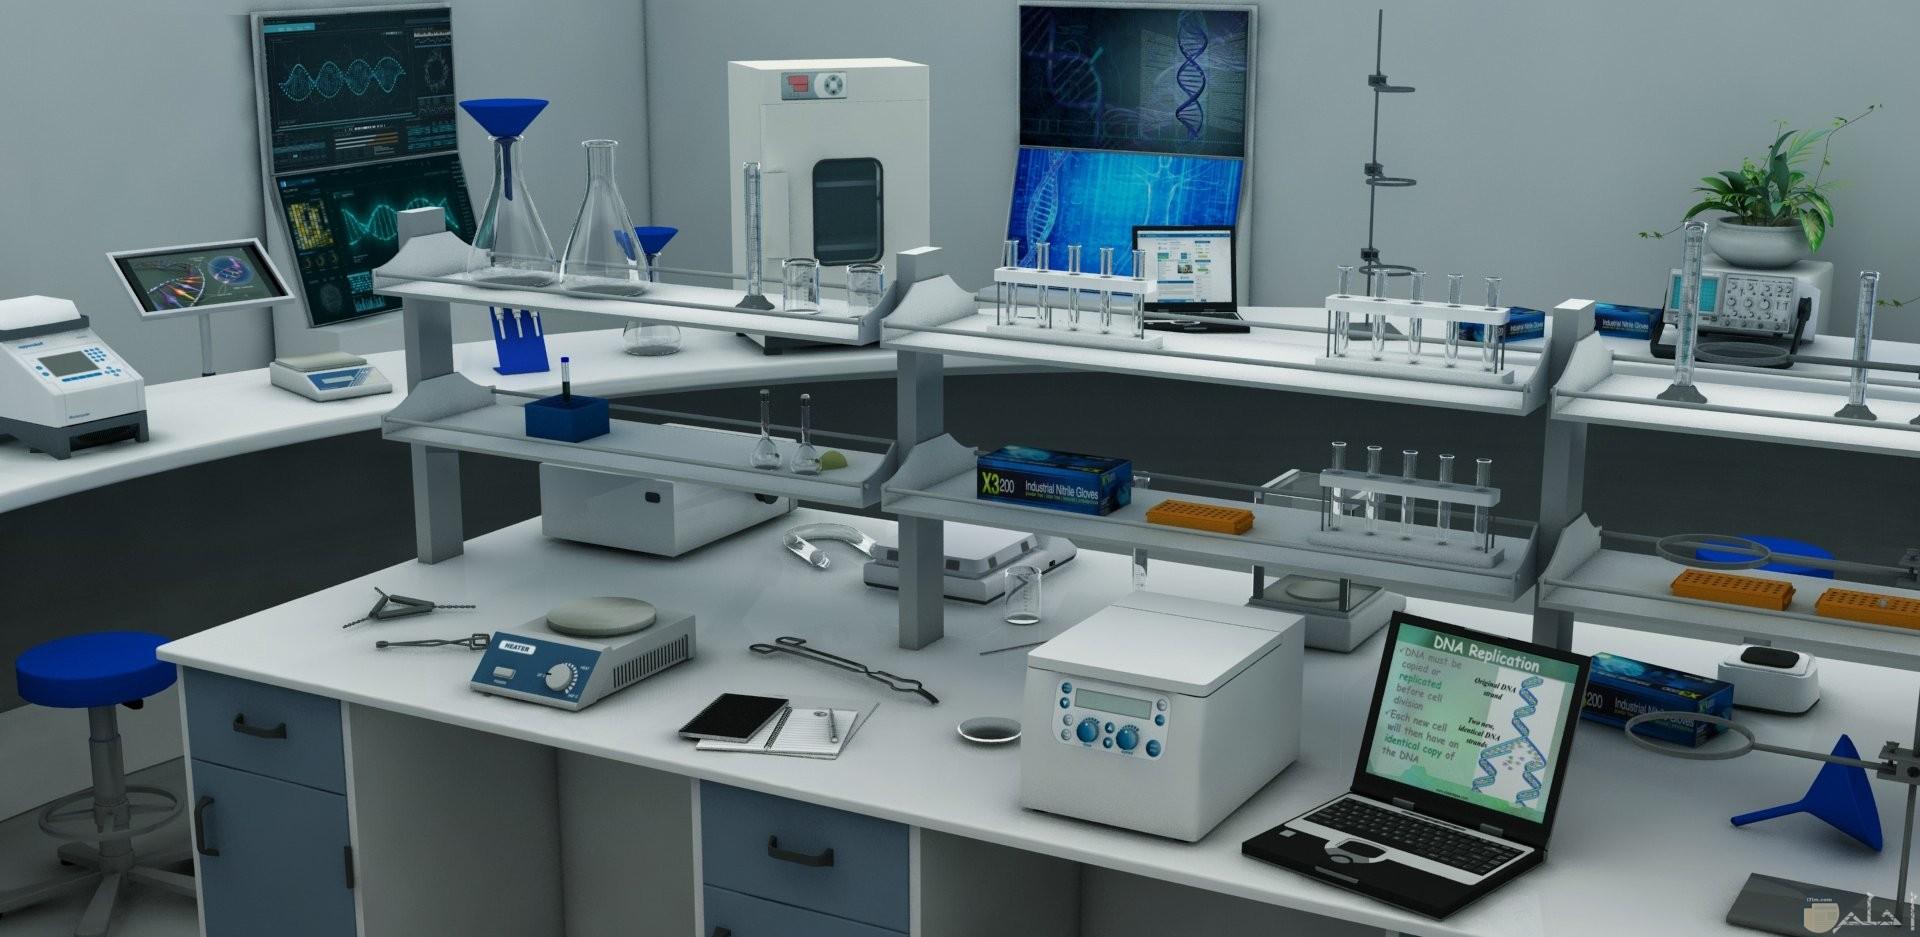 تكنولوجيا المعامل و التحاليل الطبية.